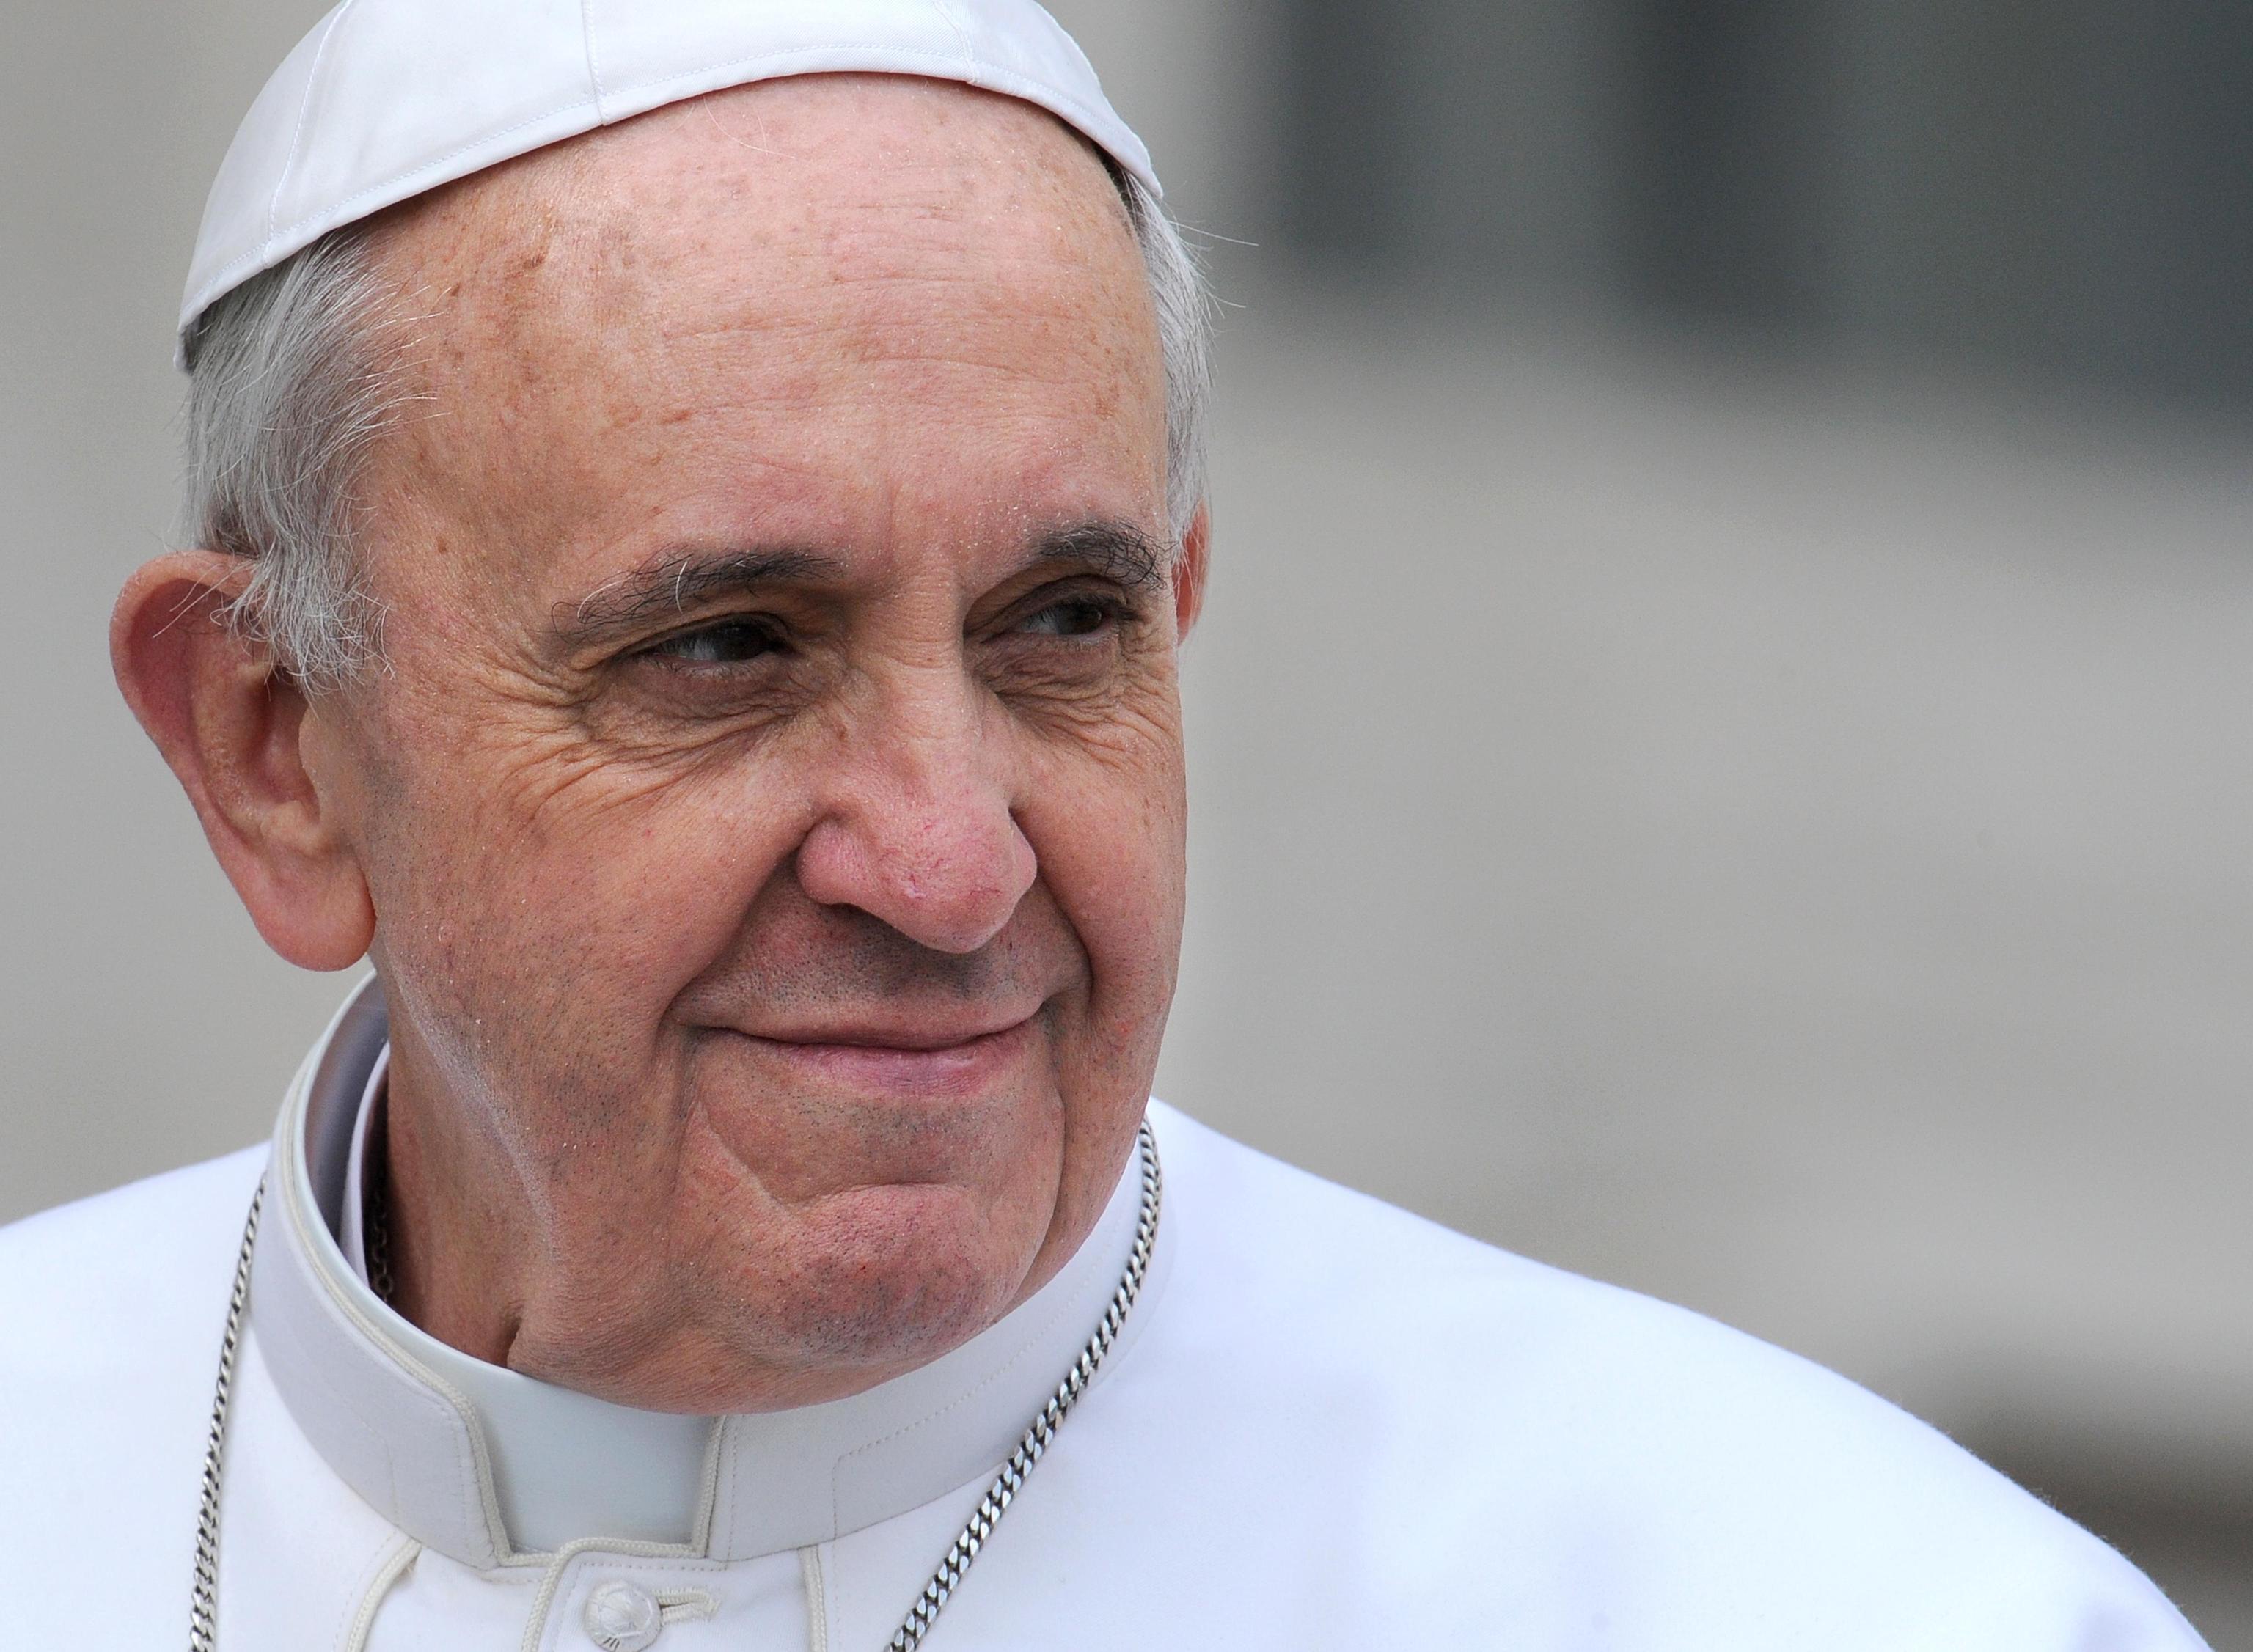 Papa francesco preghiamo per i cristiani perseguitati - Finestra del papa ...